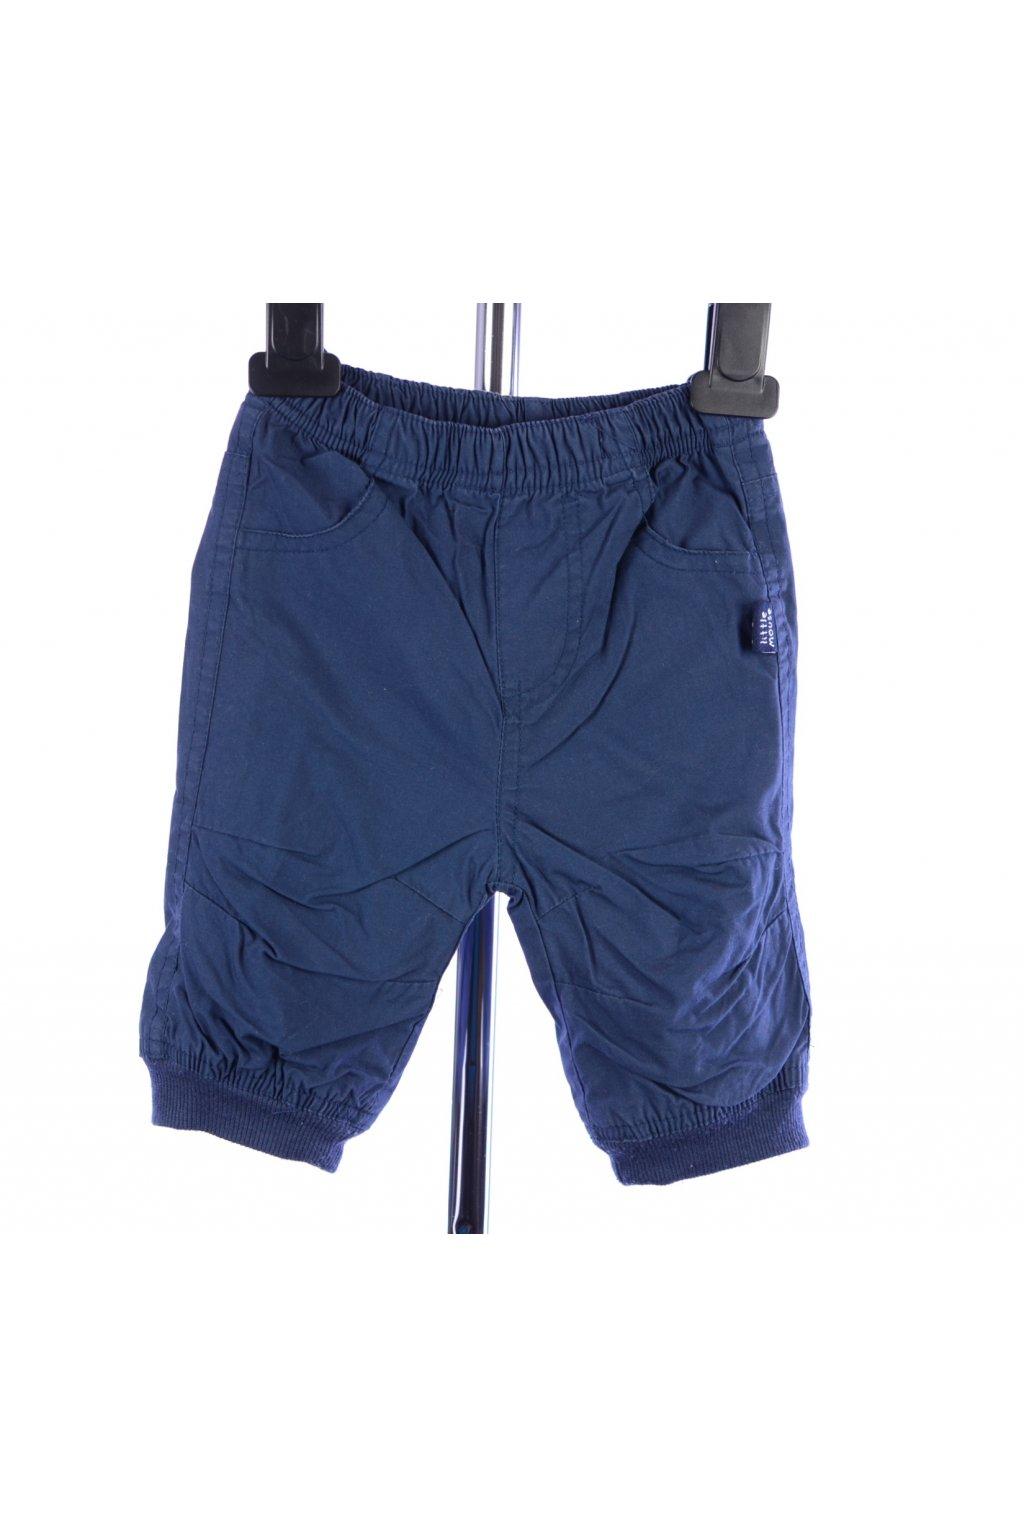 Kalhoty s podšívkou Zeeman 62 modré